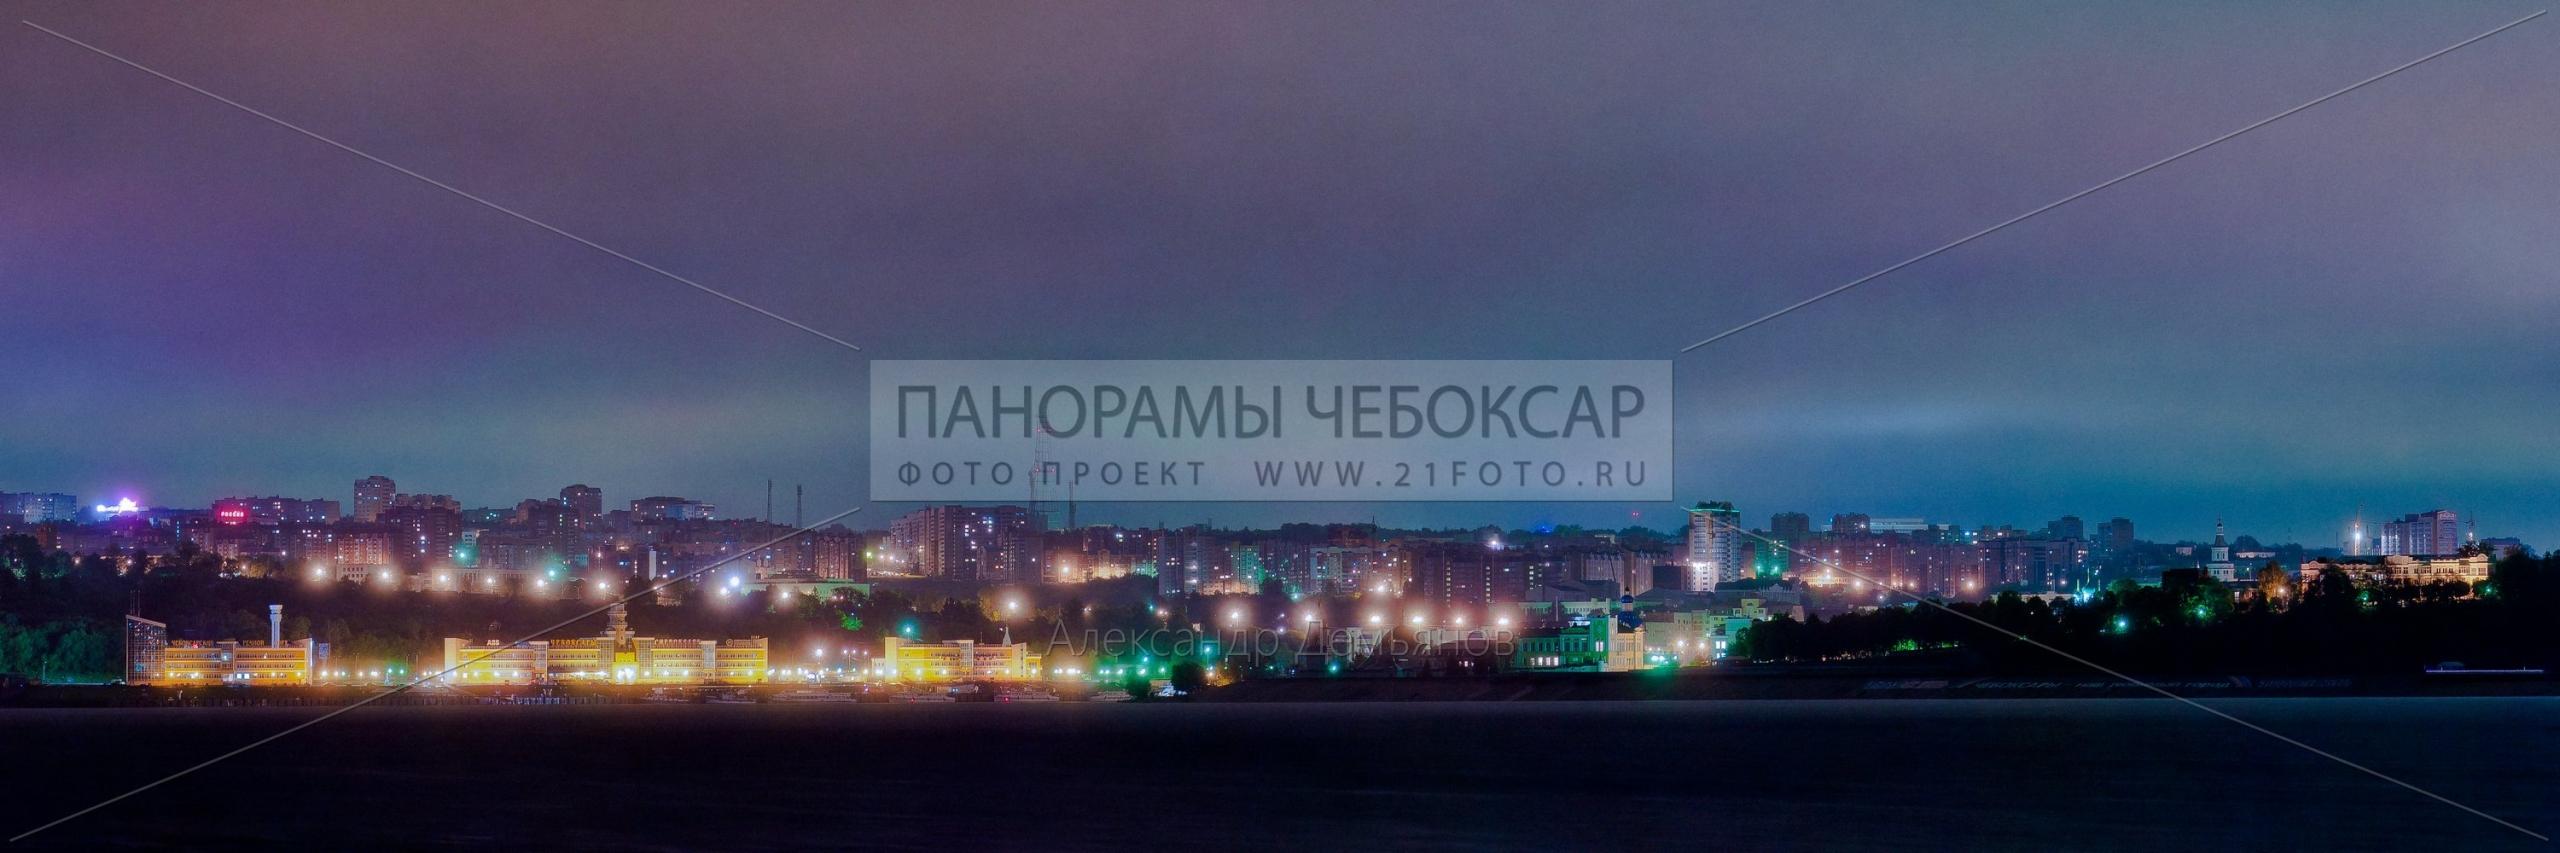 фото-Панорама города Чебоксары с набережной ночью с левого берега реки Волга